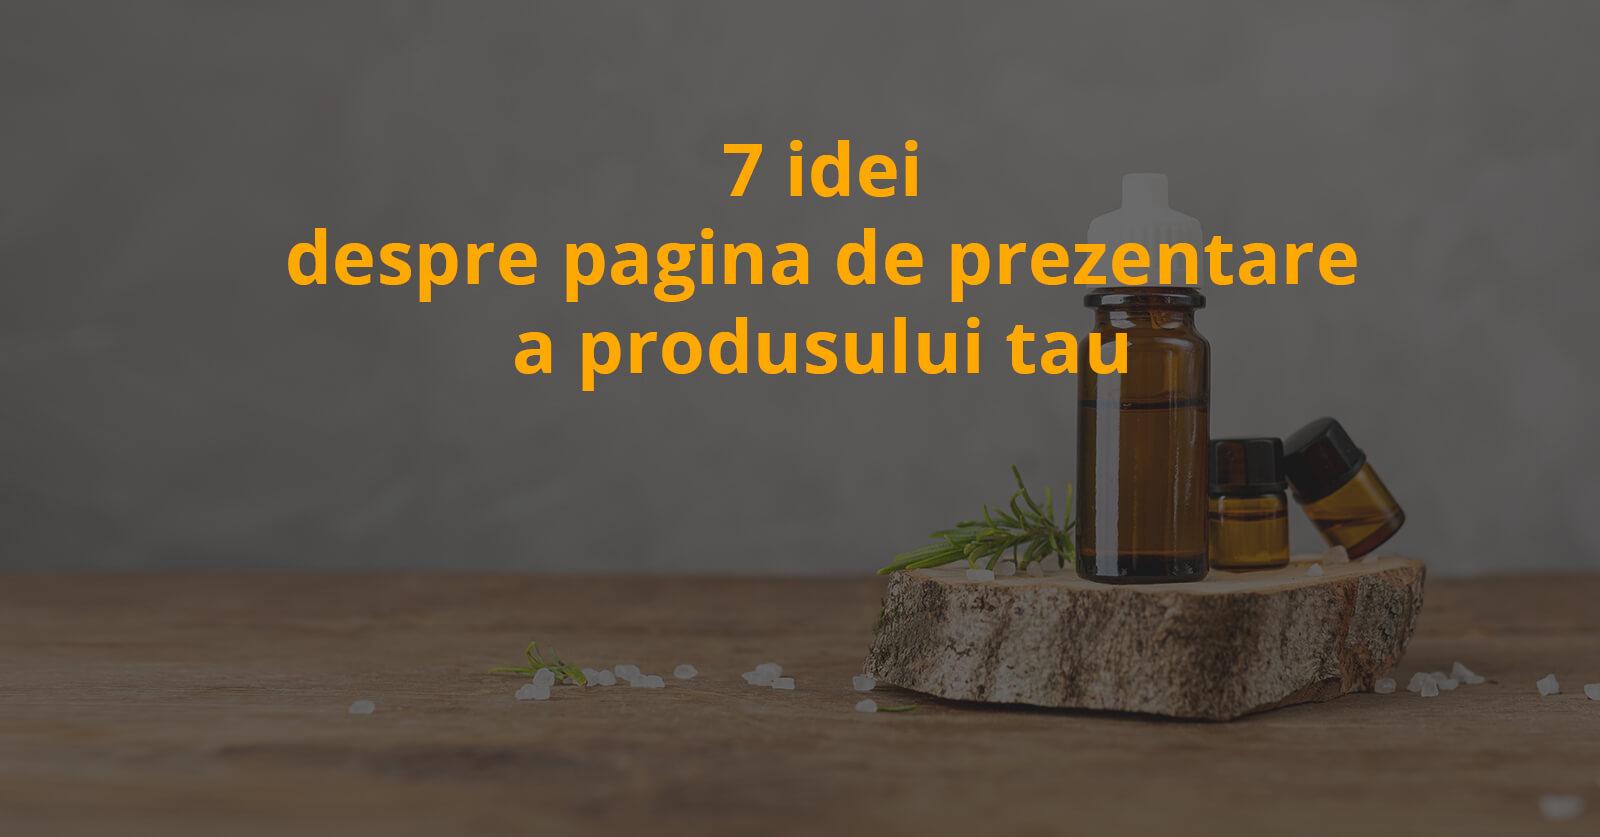 7 idei despre pagina de prezentare a produsului tau